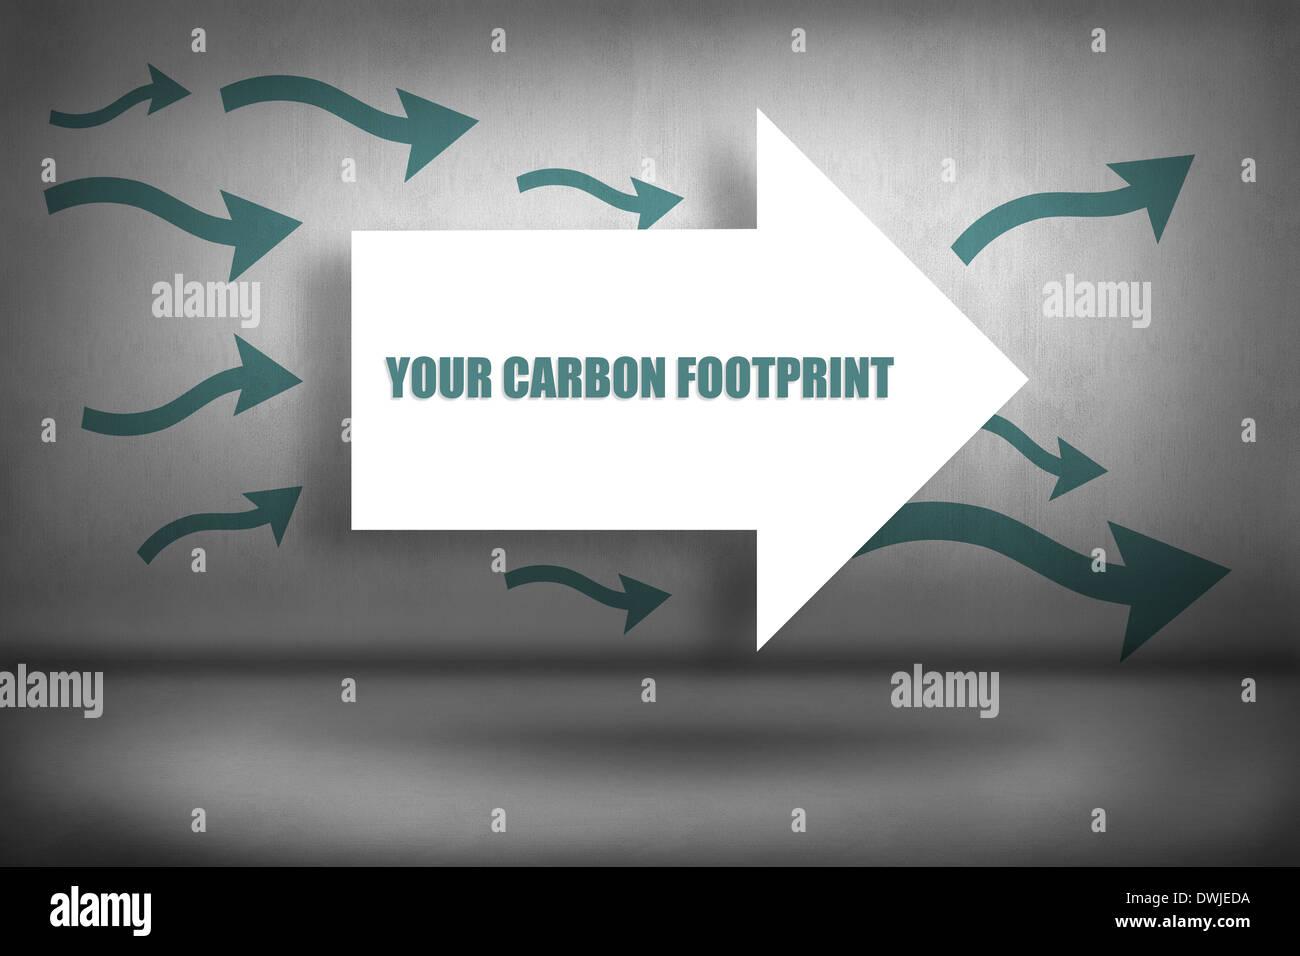 Su huella de carbono contra flechas apuntando Imagen De Stock